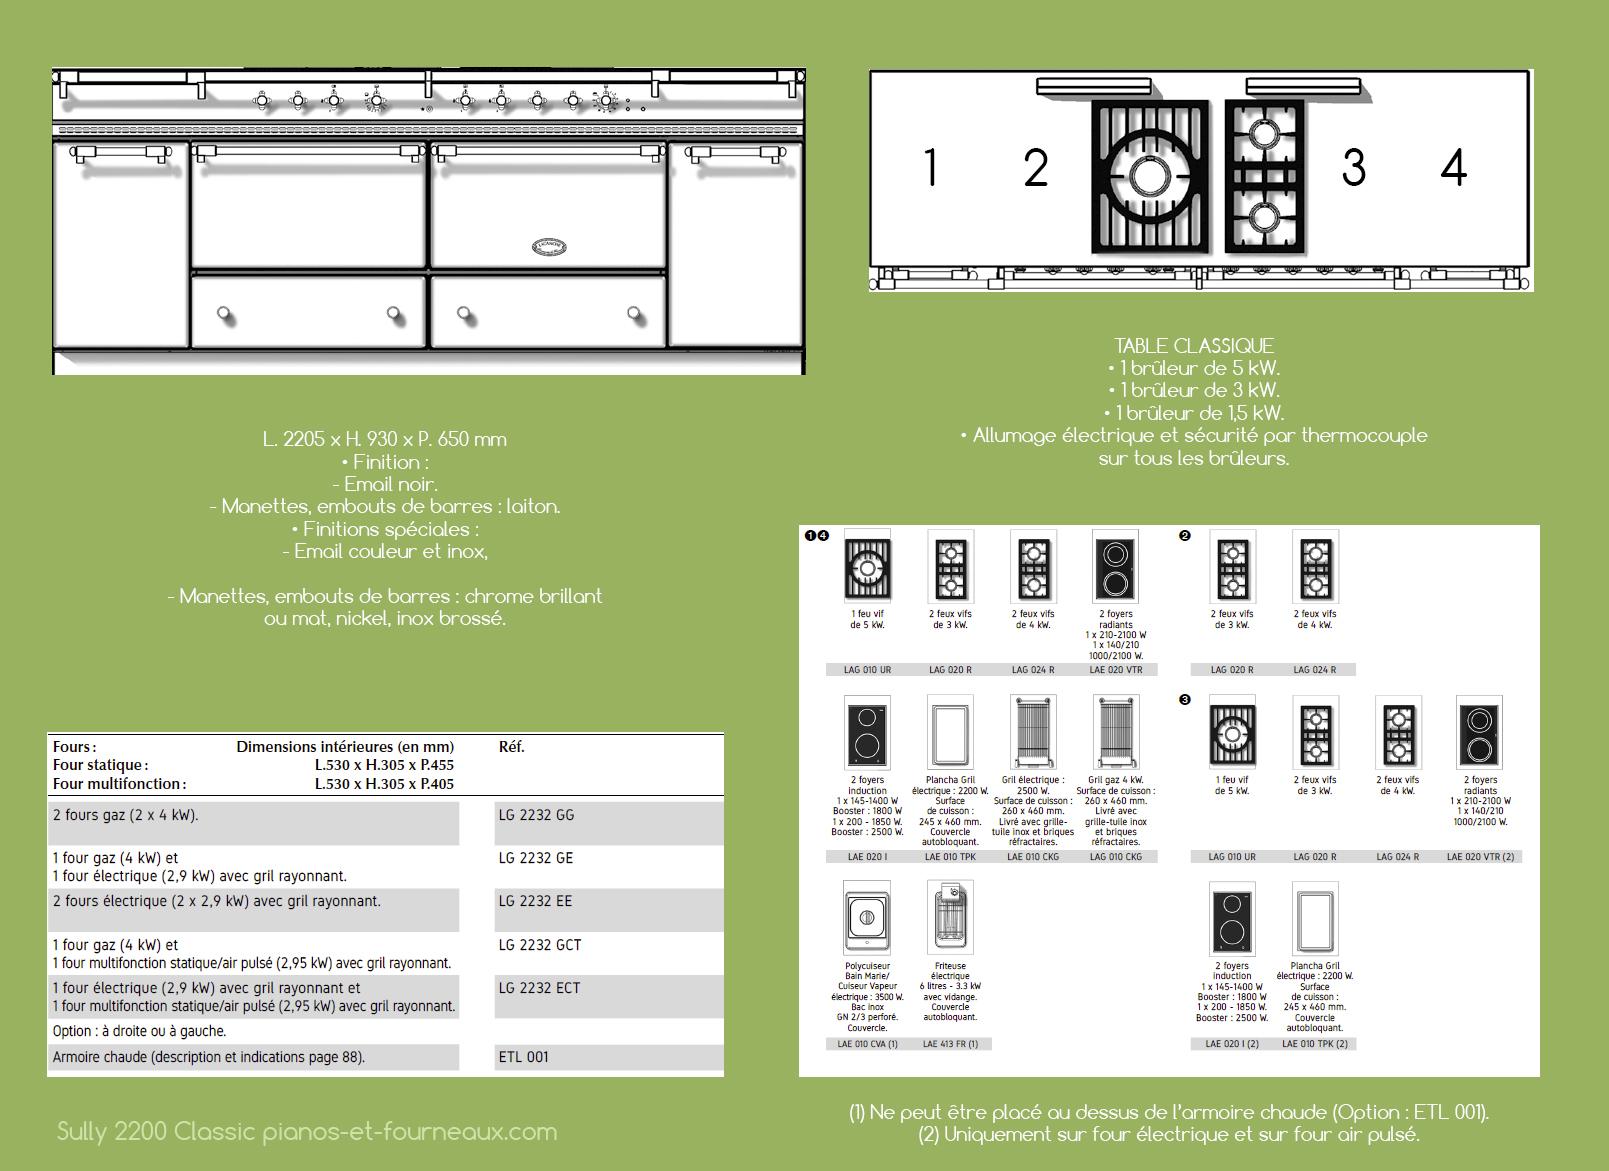 Sully 2200 Classique configurations possibles - pianos-et-fourneaux.com le spécialiste des pianos de cuisine et fourneaux de cuisson Lacanche